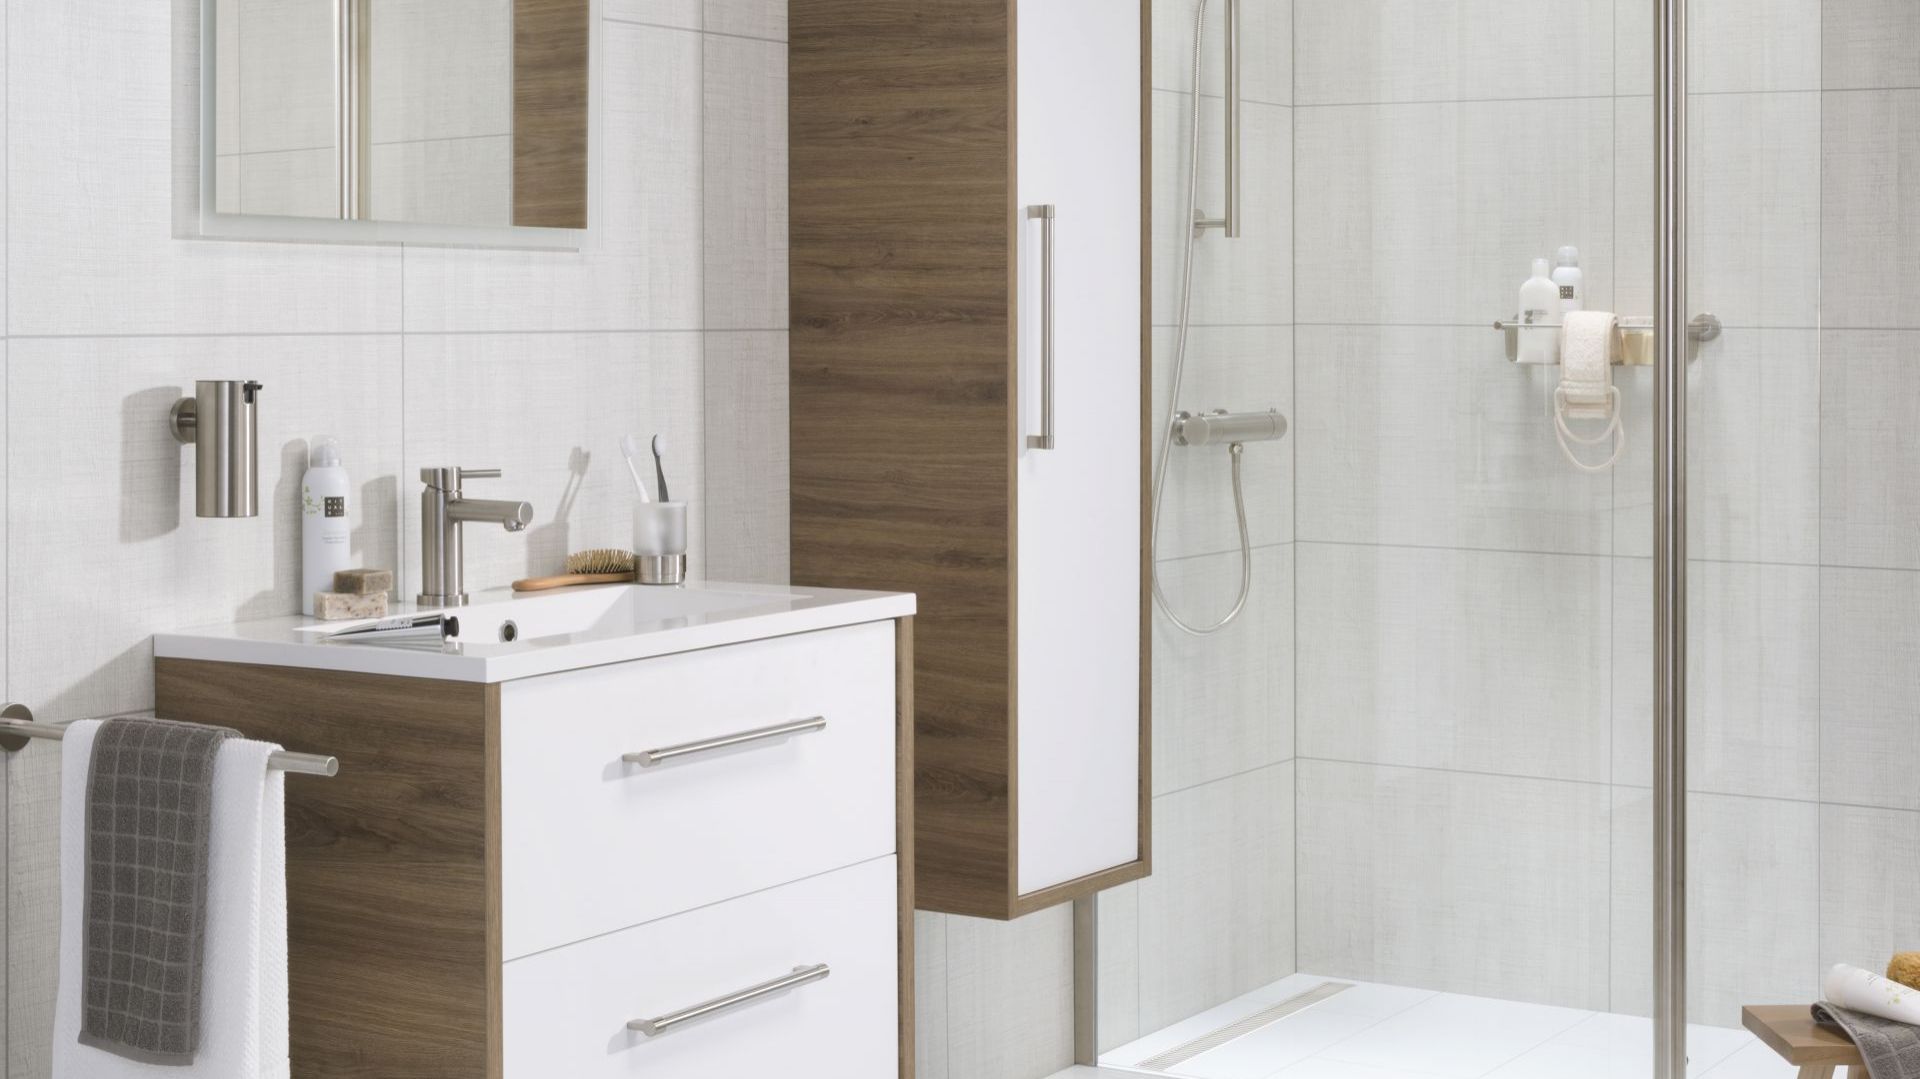 Meble łazienkowe wykonane z drewna są odporne na działanie wilgoci. Fot. Tiger/Coram